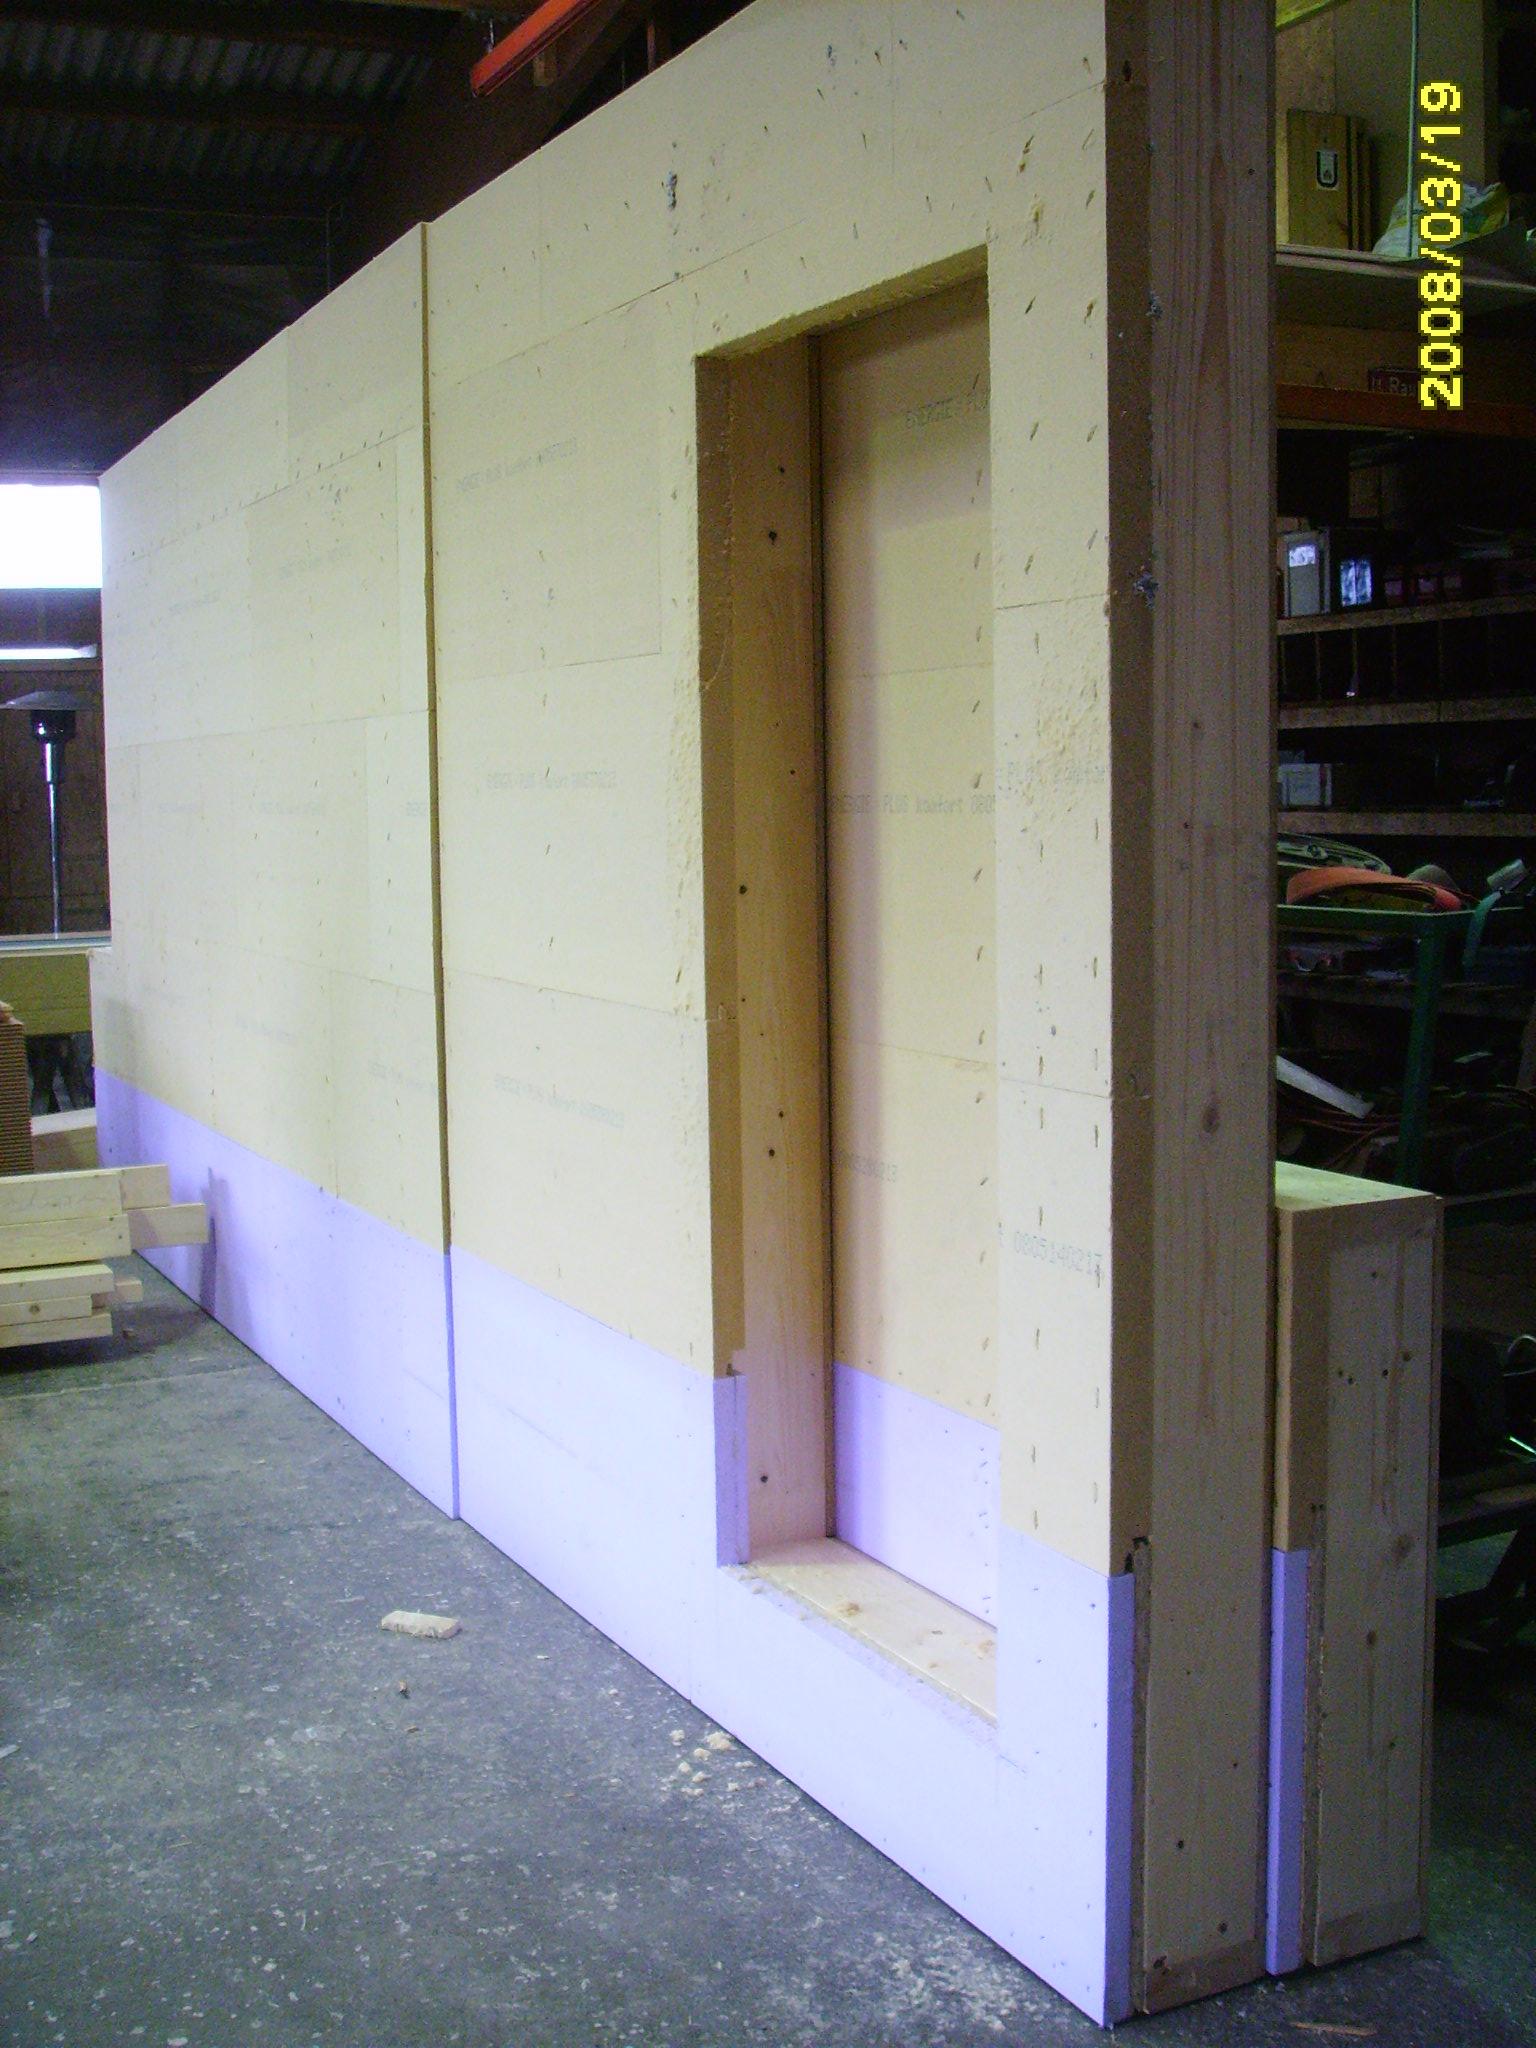 10 kw haus in der fertigung holzhaus fertighaus holzbau anbau umbau passivhaus. Black Bedroom Furniture Sets. Home Design Ideas